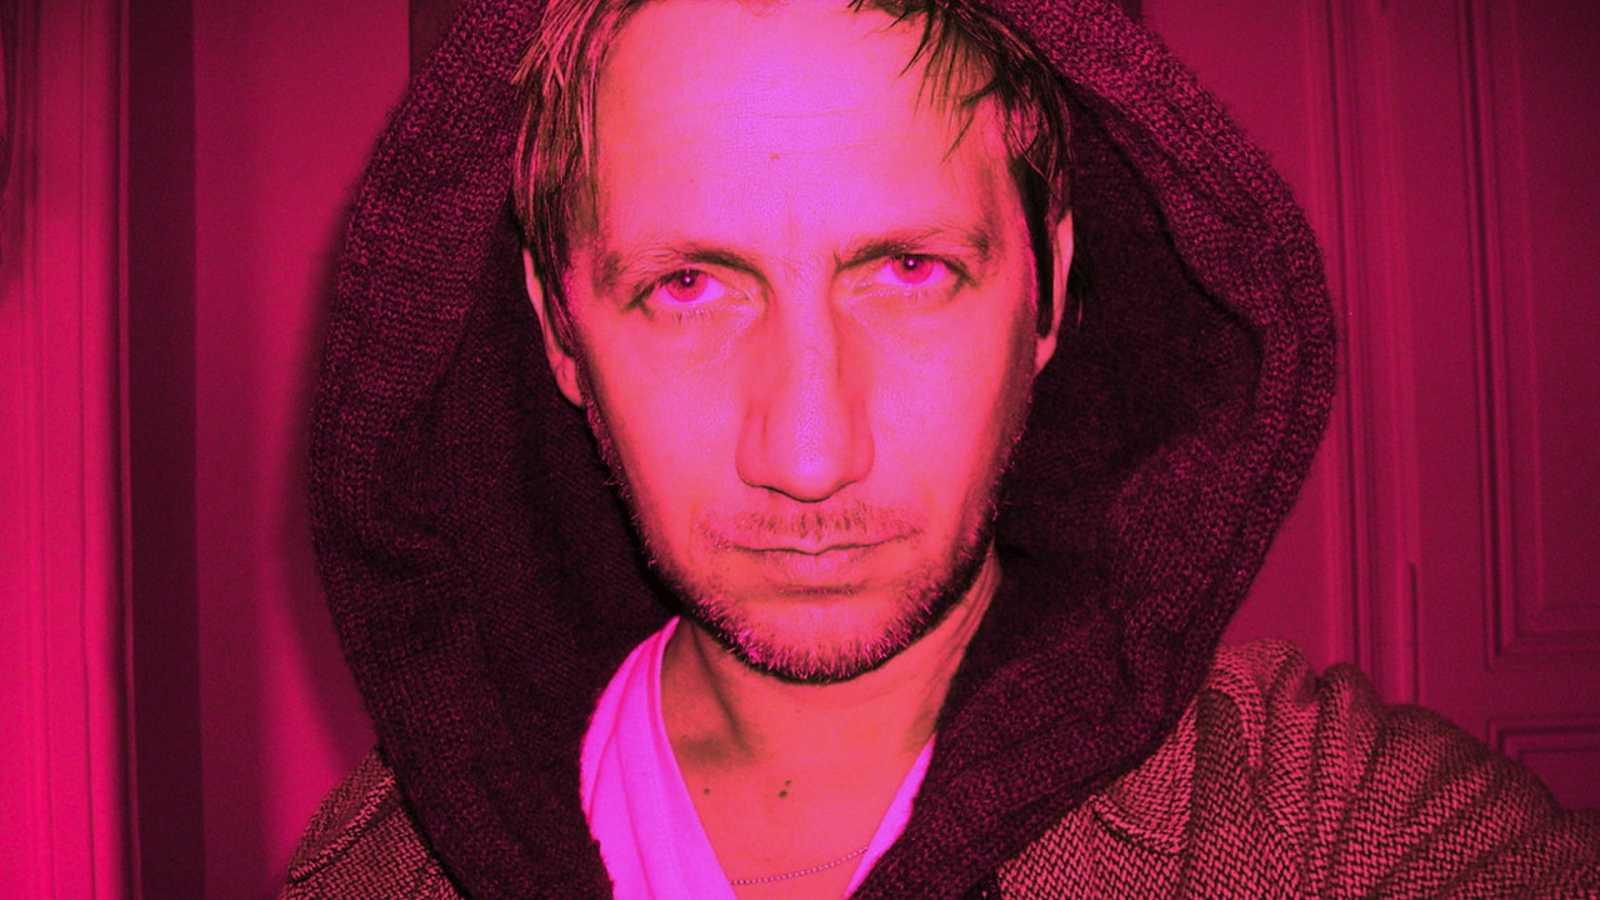 Fluido rosa - Imagen detenida y movimiento - 23/11/20 - escuchar ahora